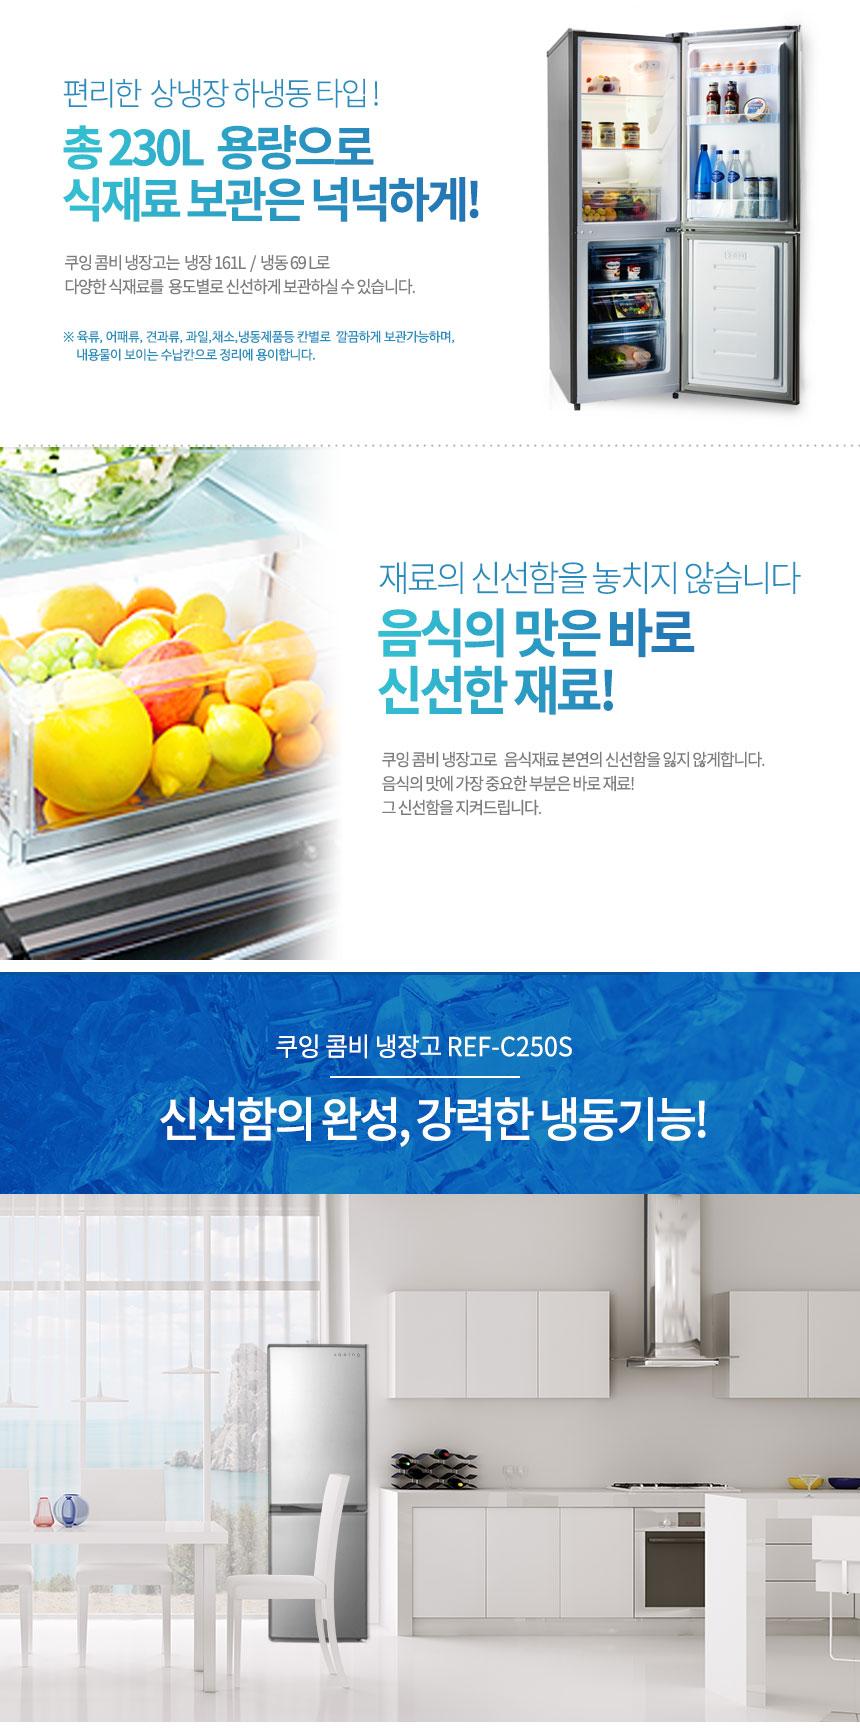 상세페이지 3, 넉넉한 식재료 보관, 강력한 냉동기능